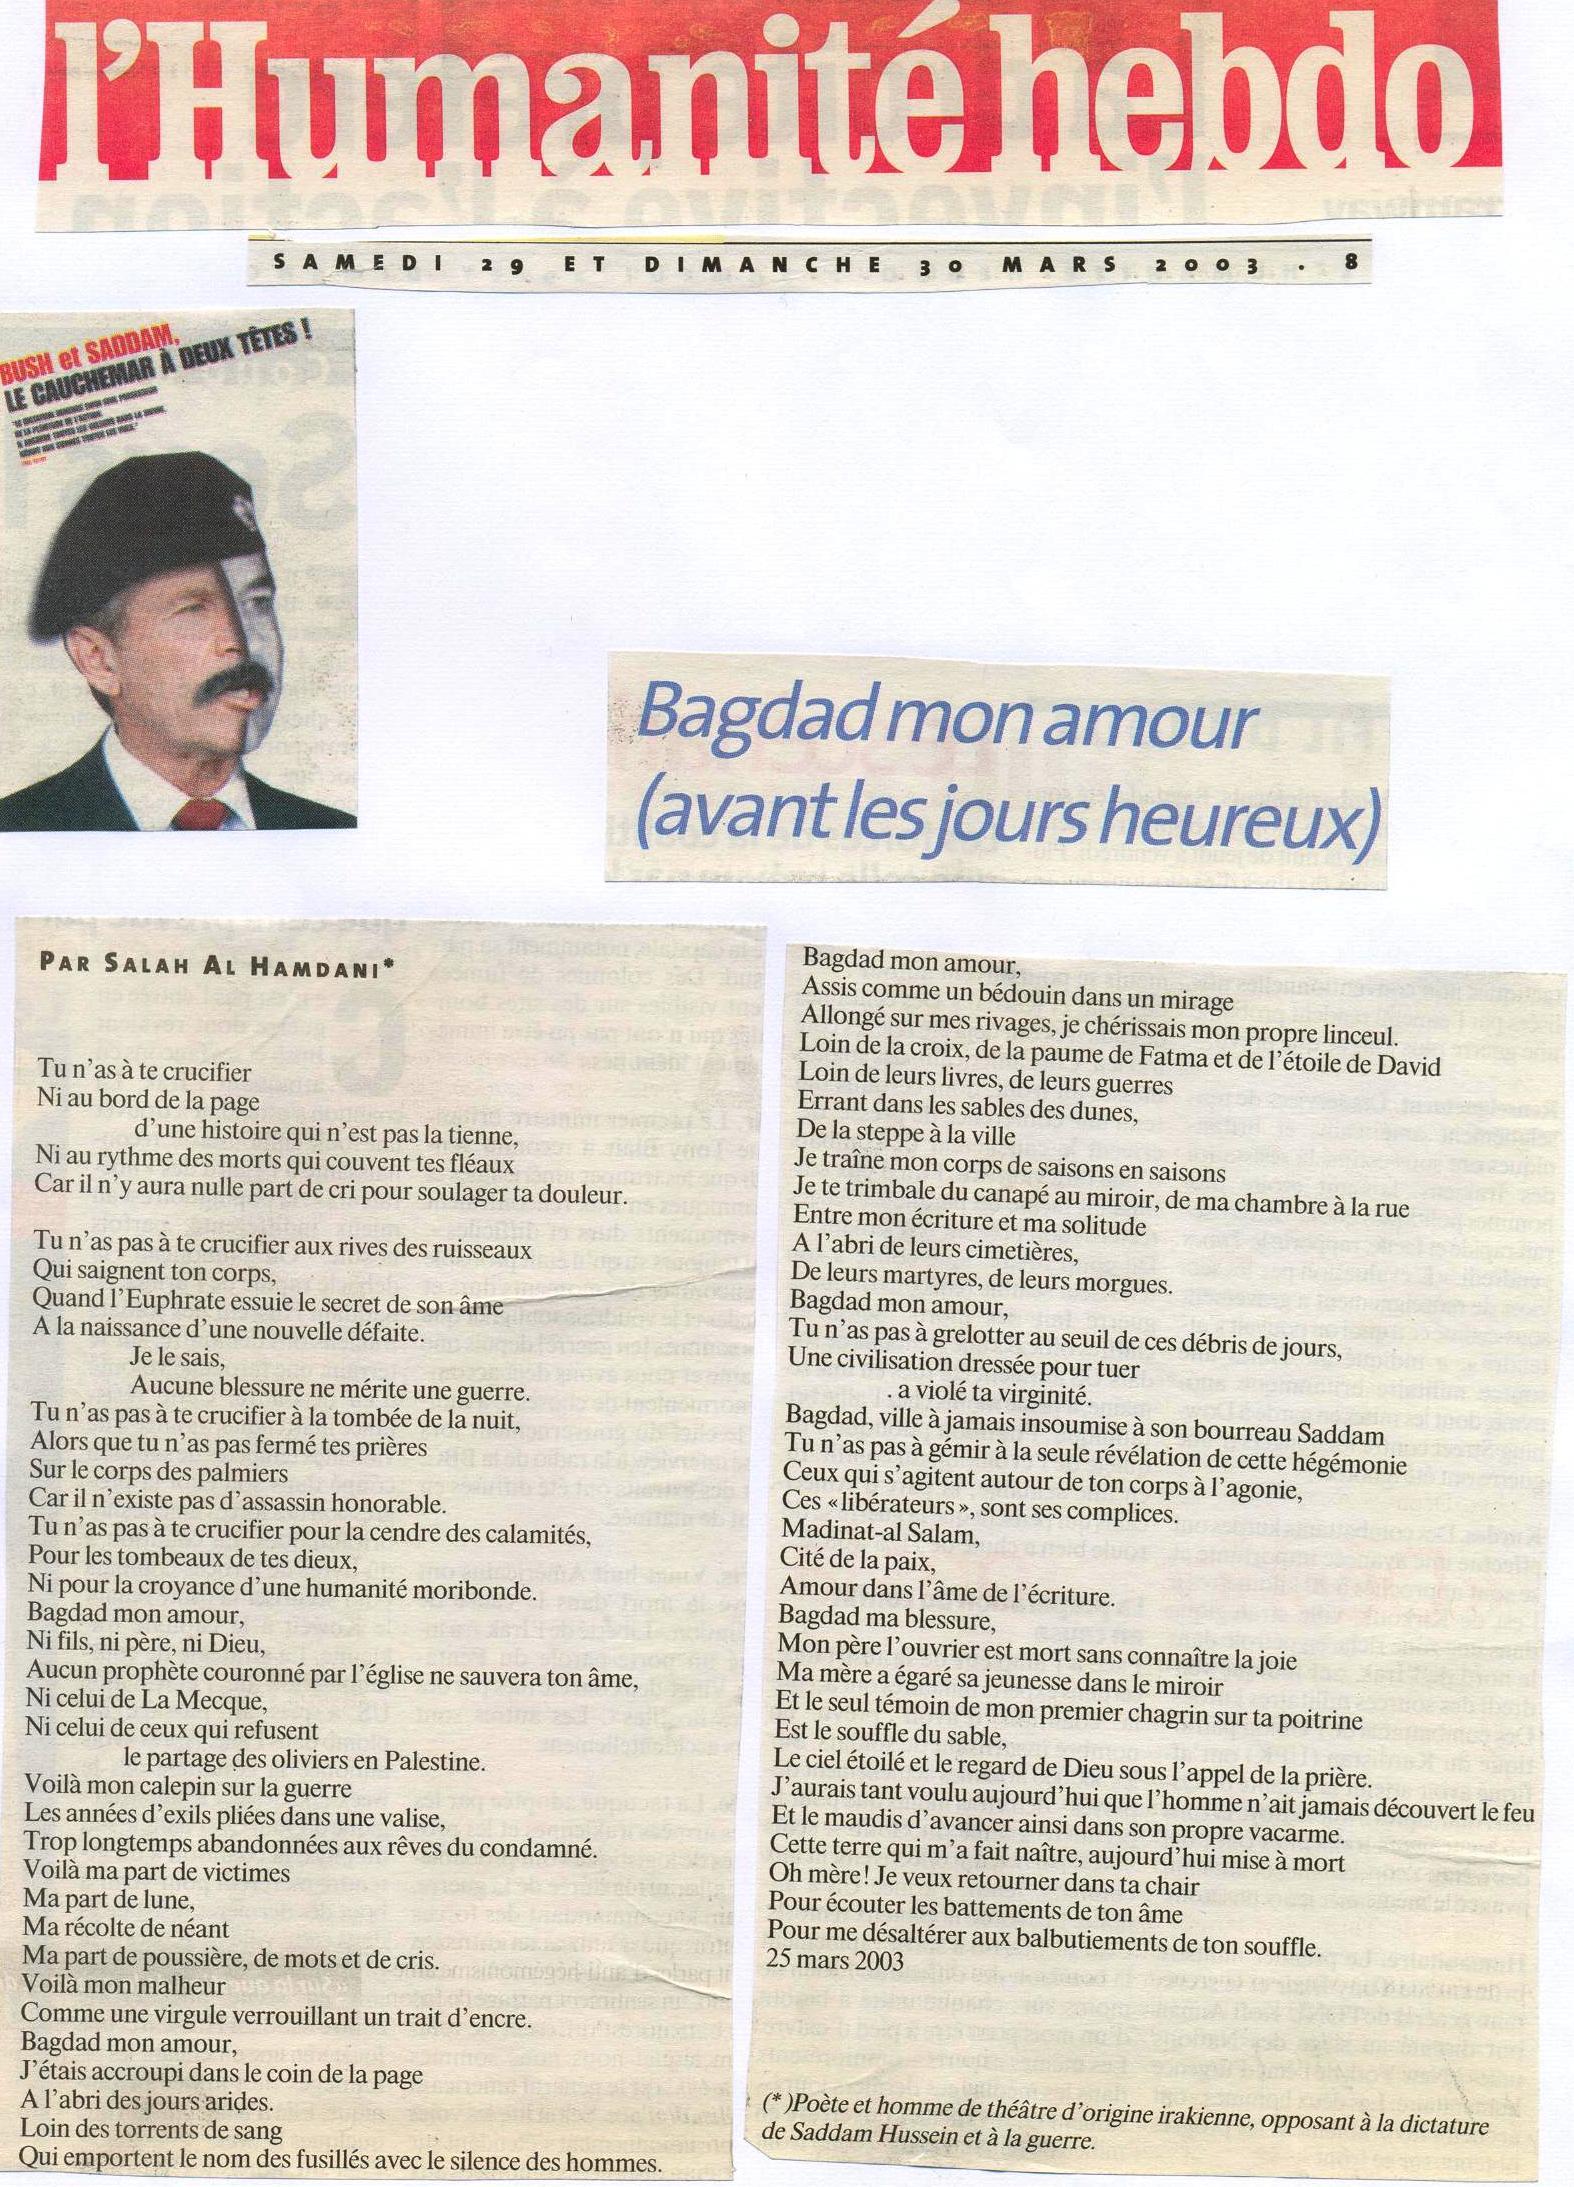 Bagdad_mon_amour_le_poéme.JPG